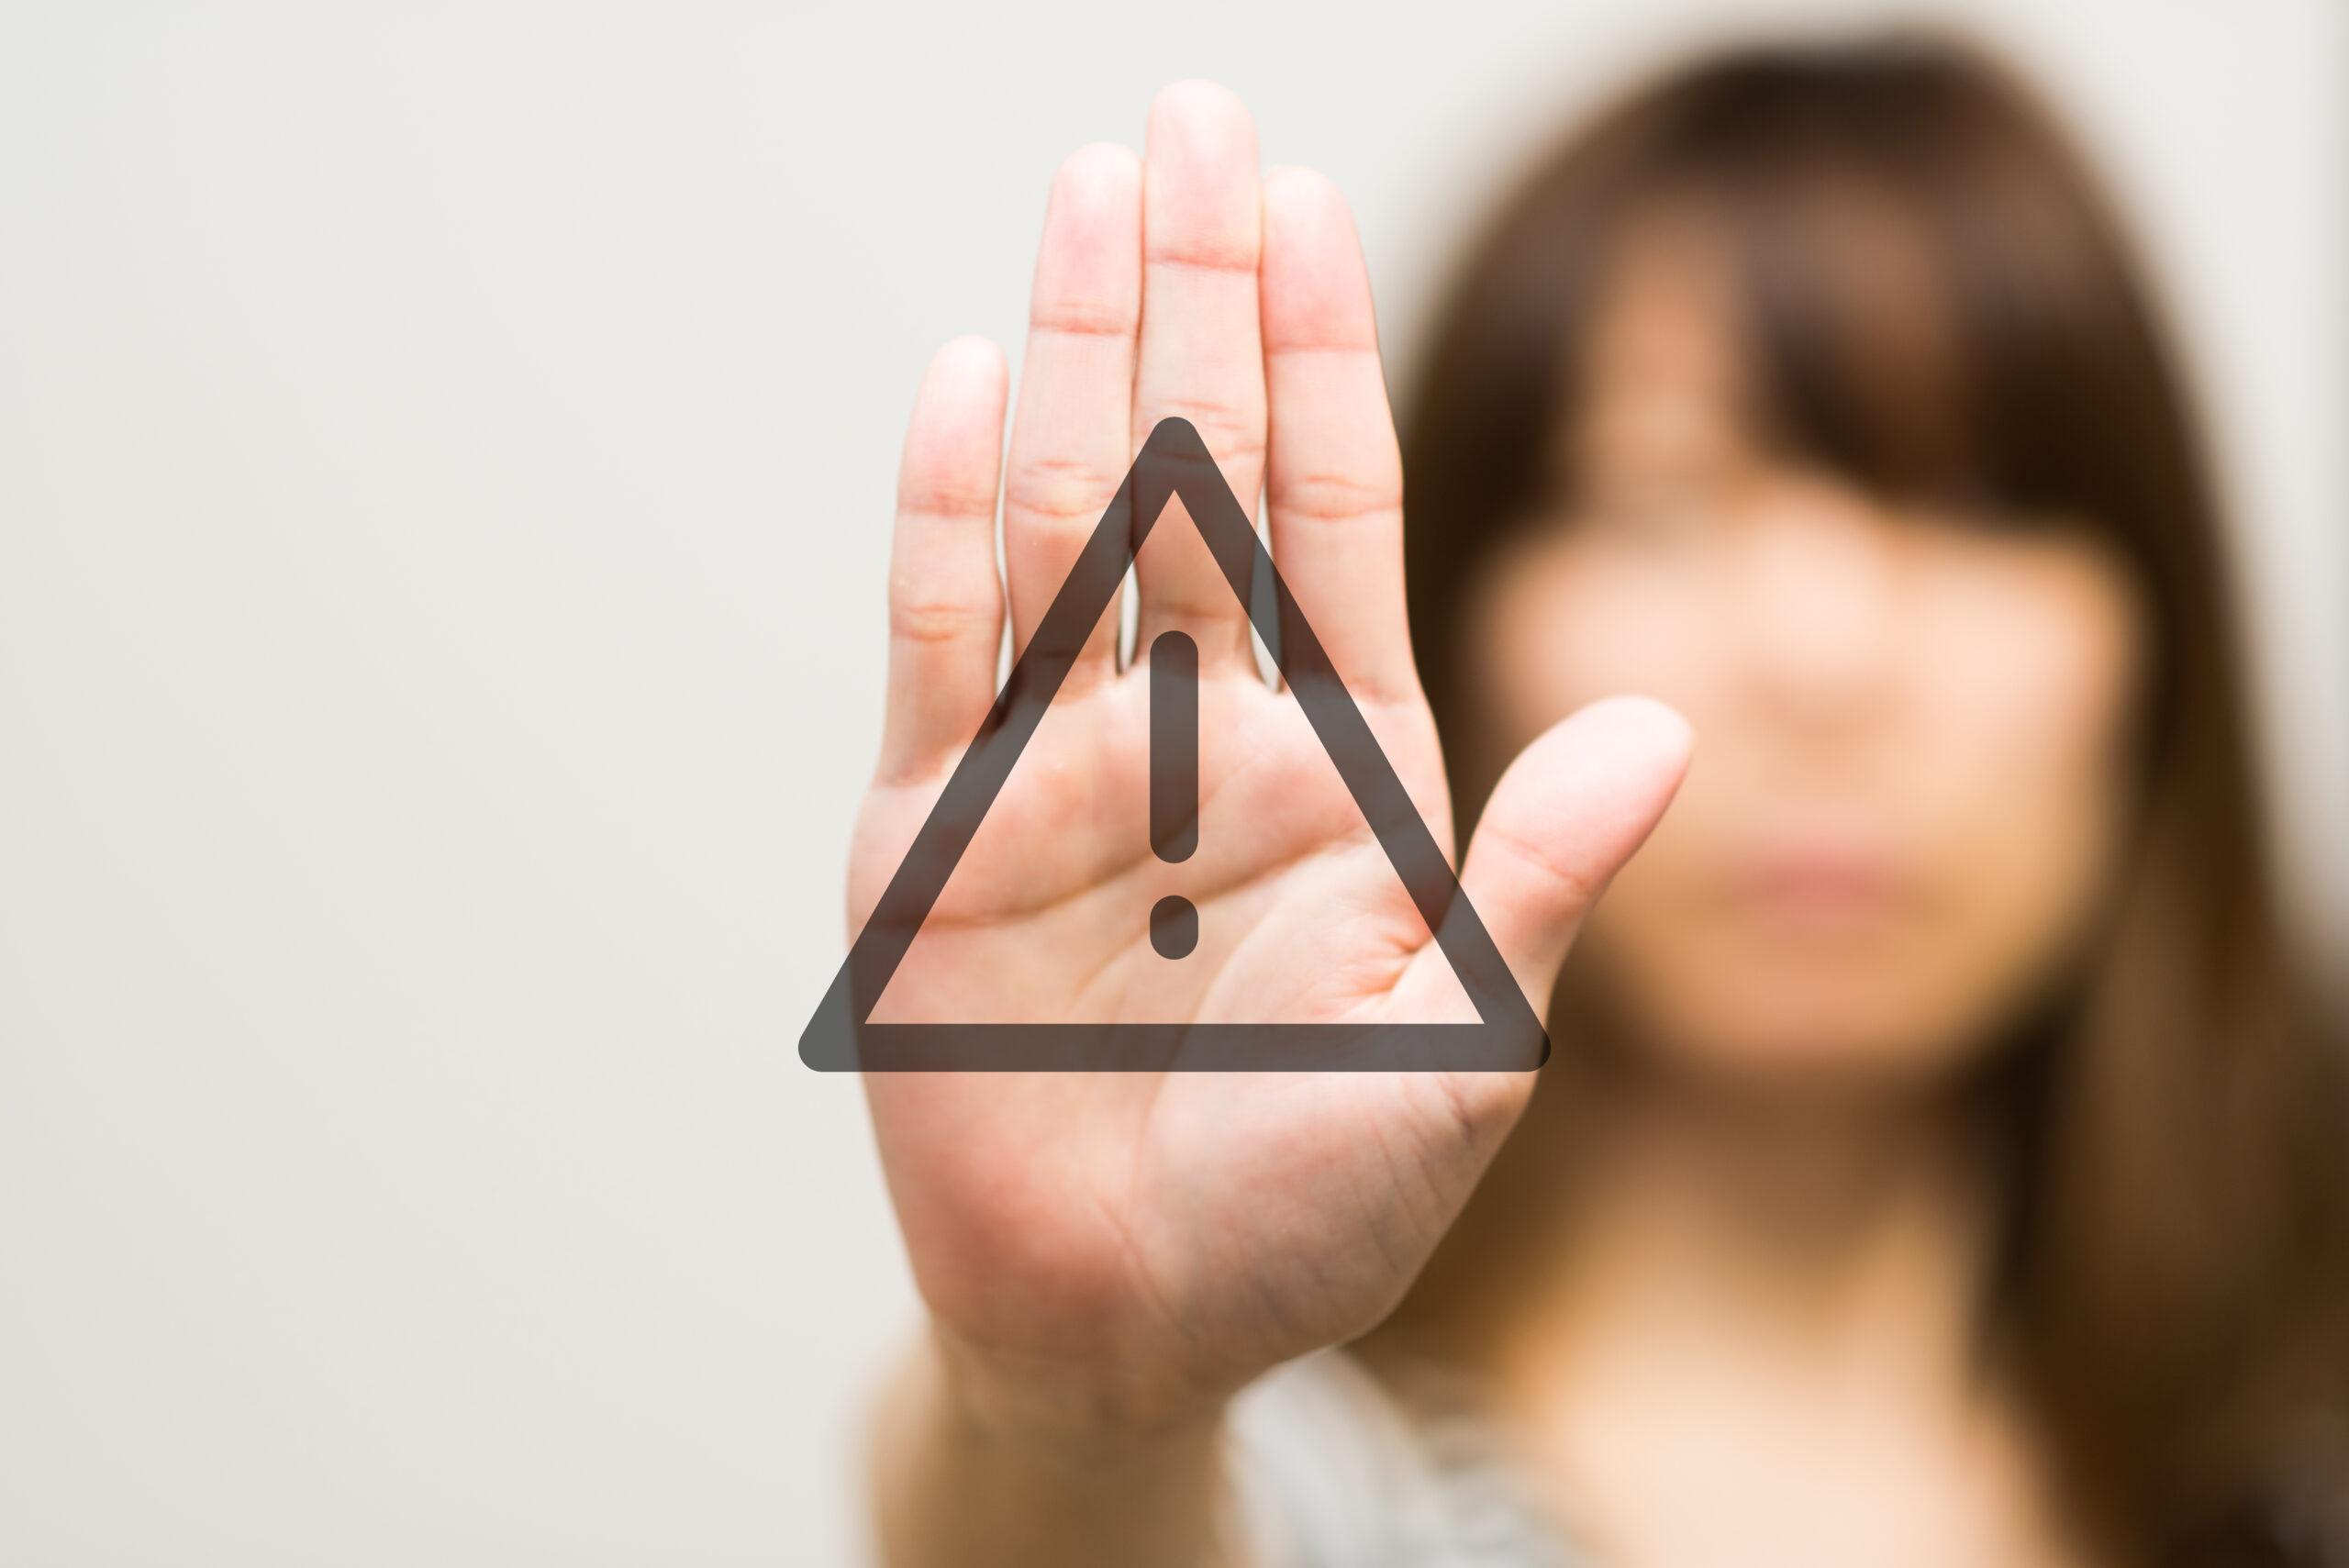 クラウドソーシングで受注する際に注意を払わなければならないことの画像